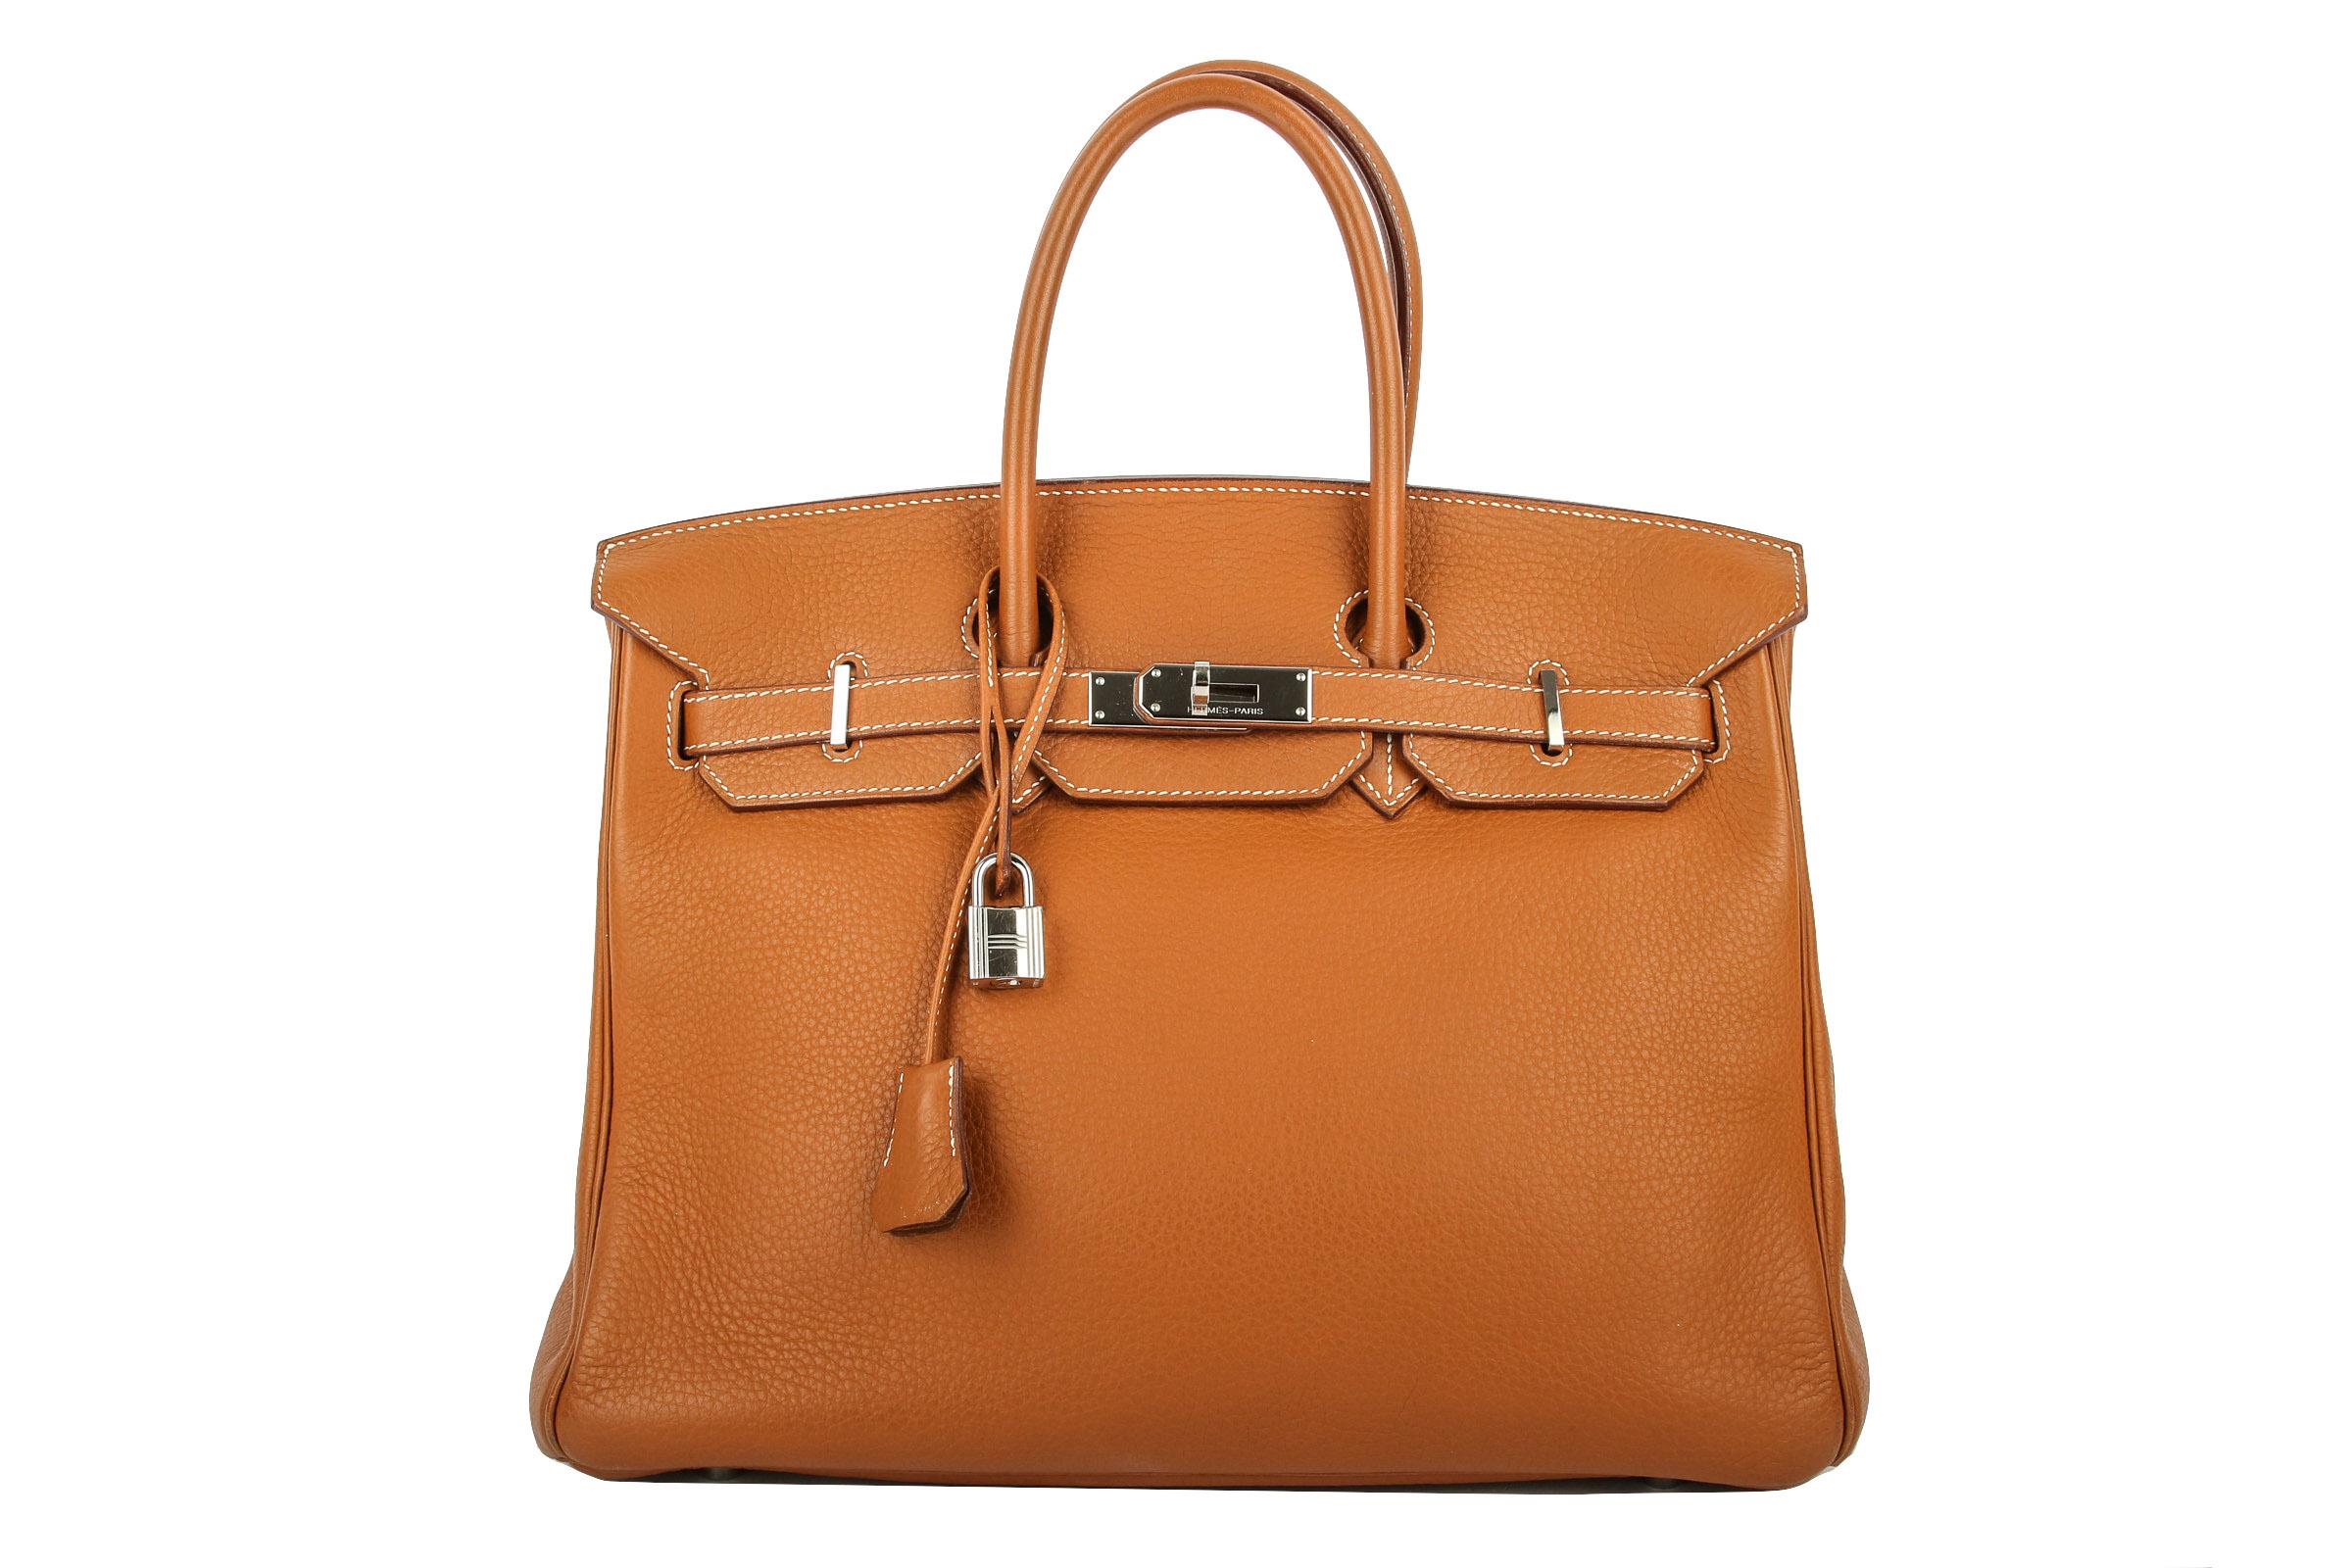 68560caa5410b Hermès Birkin 35 Taurillon Clemence Gold